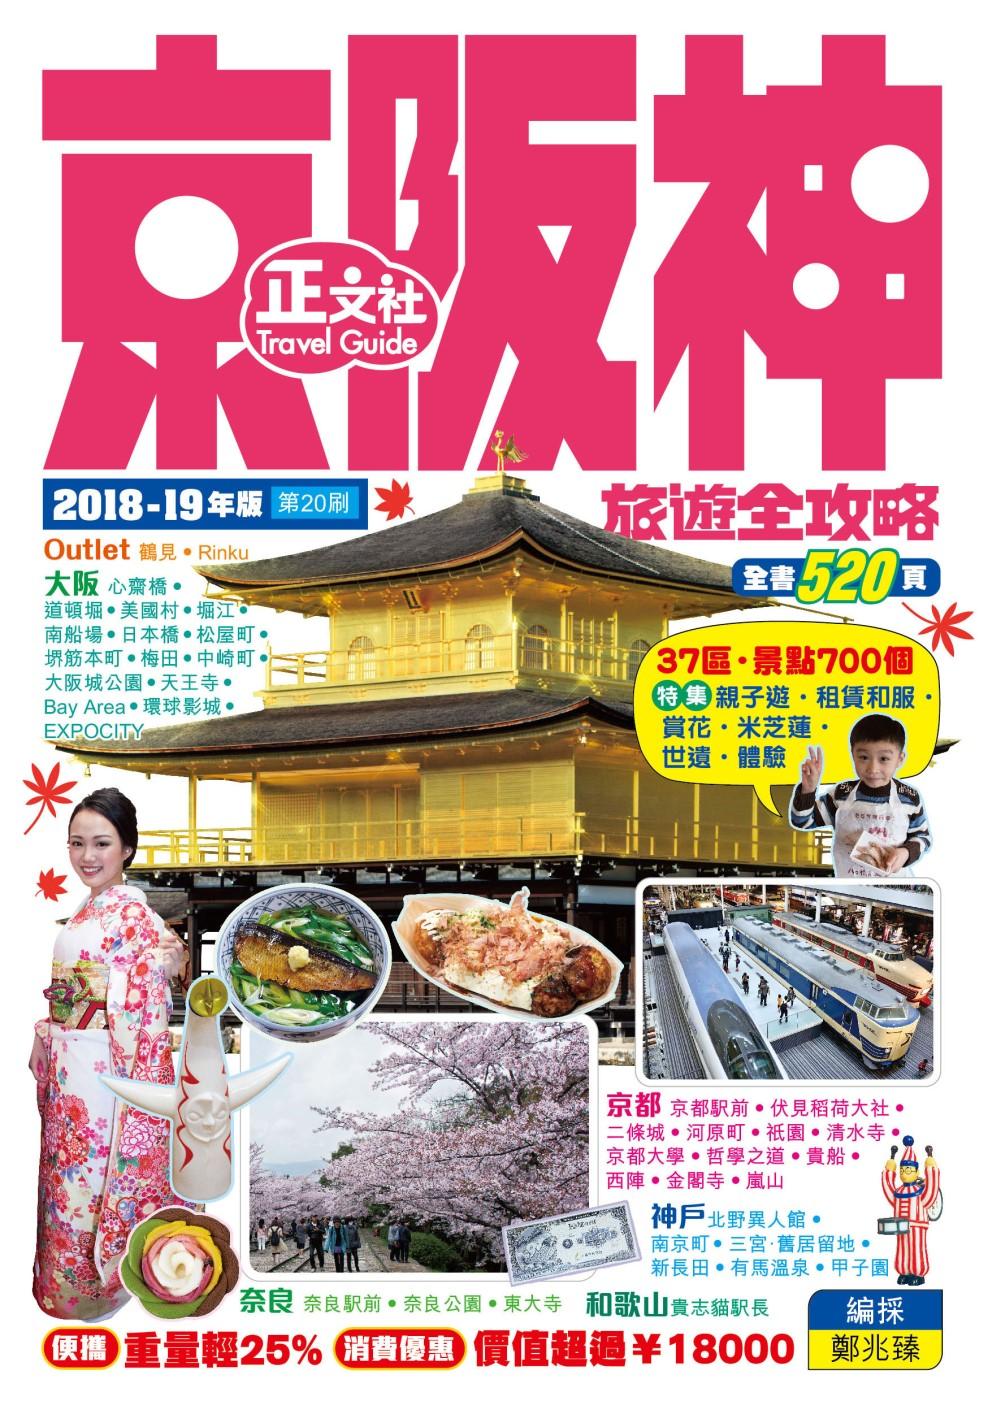 京阪神旅遊全攻略 2018-19年版(第20刷)